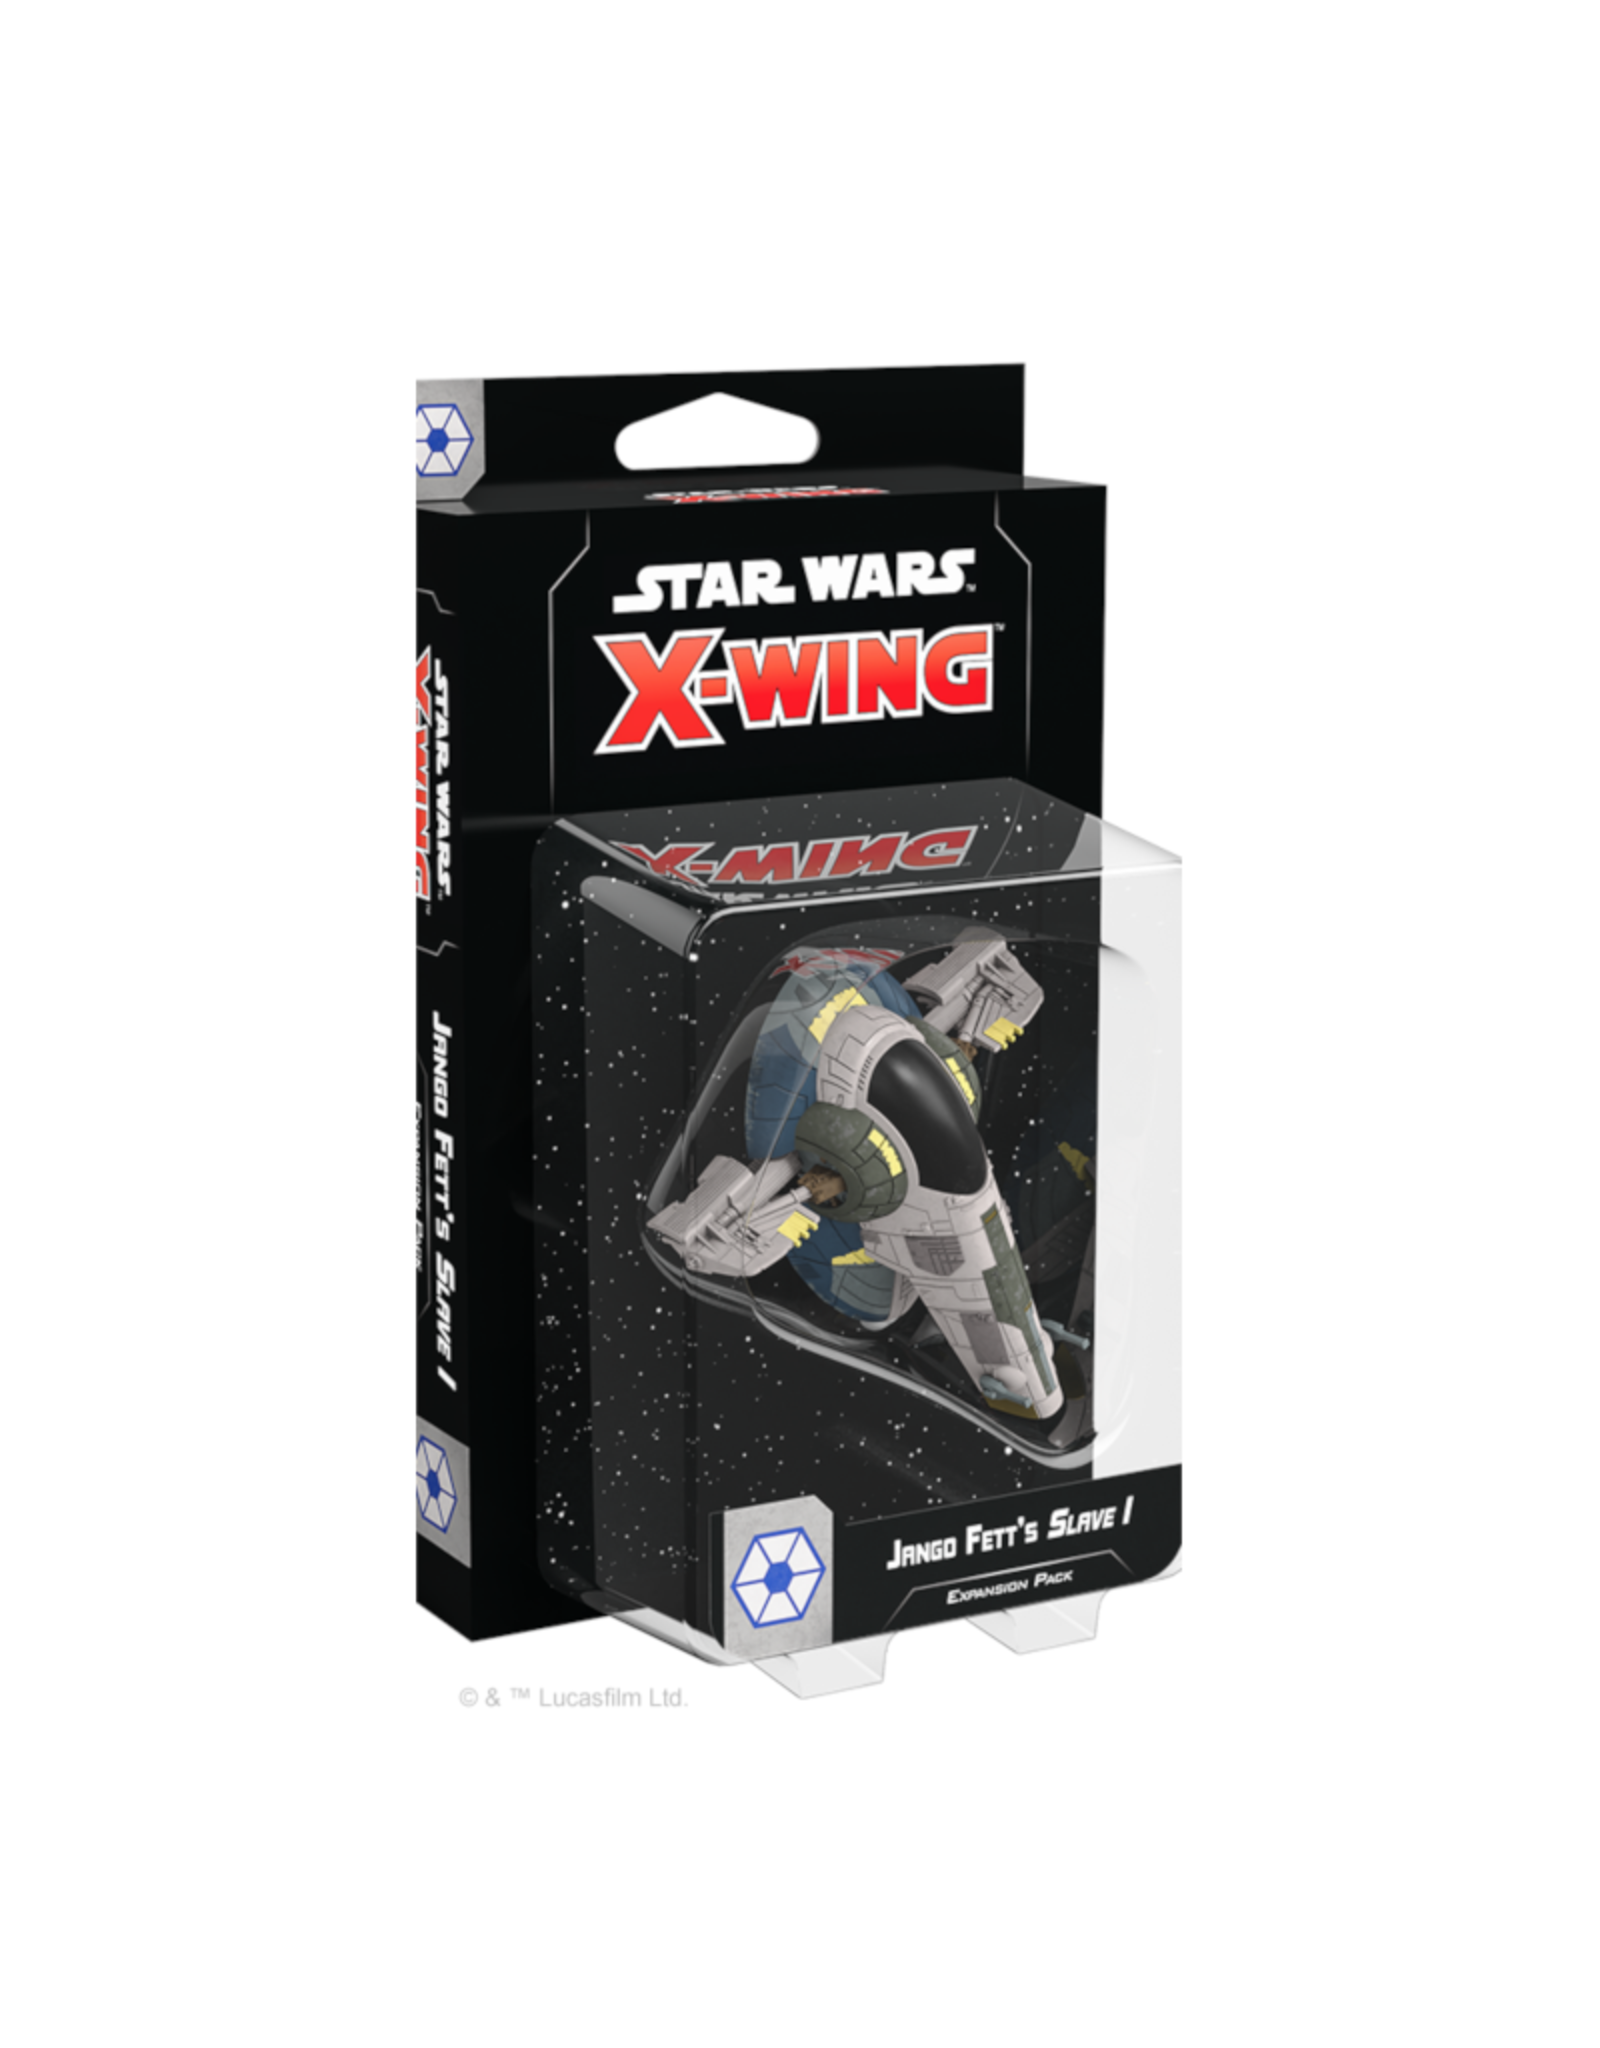 Fantasy Flight Games Star Wars X-Wing Jango Fett's Slave 1 Expansion